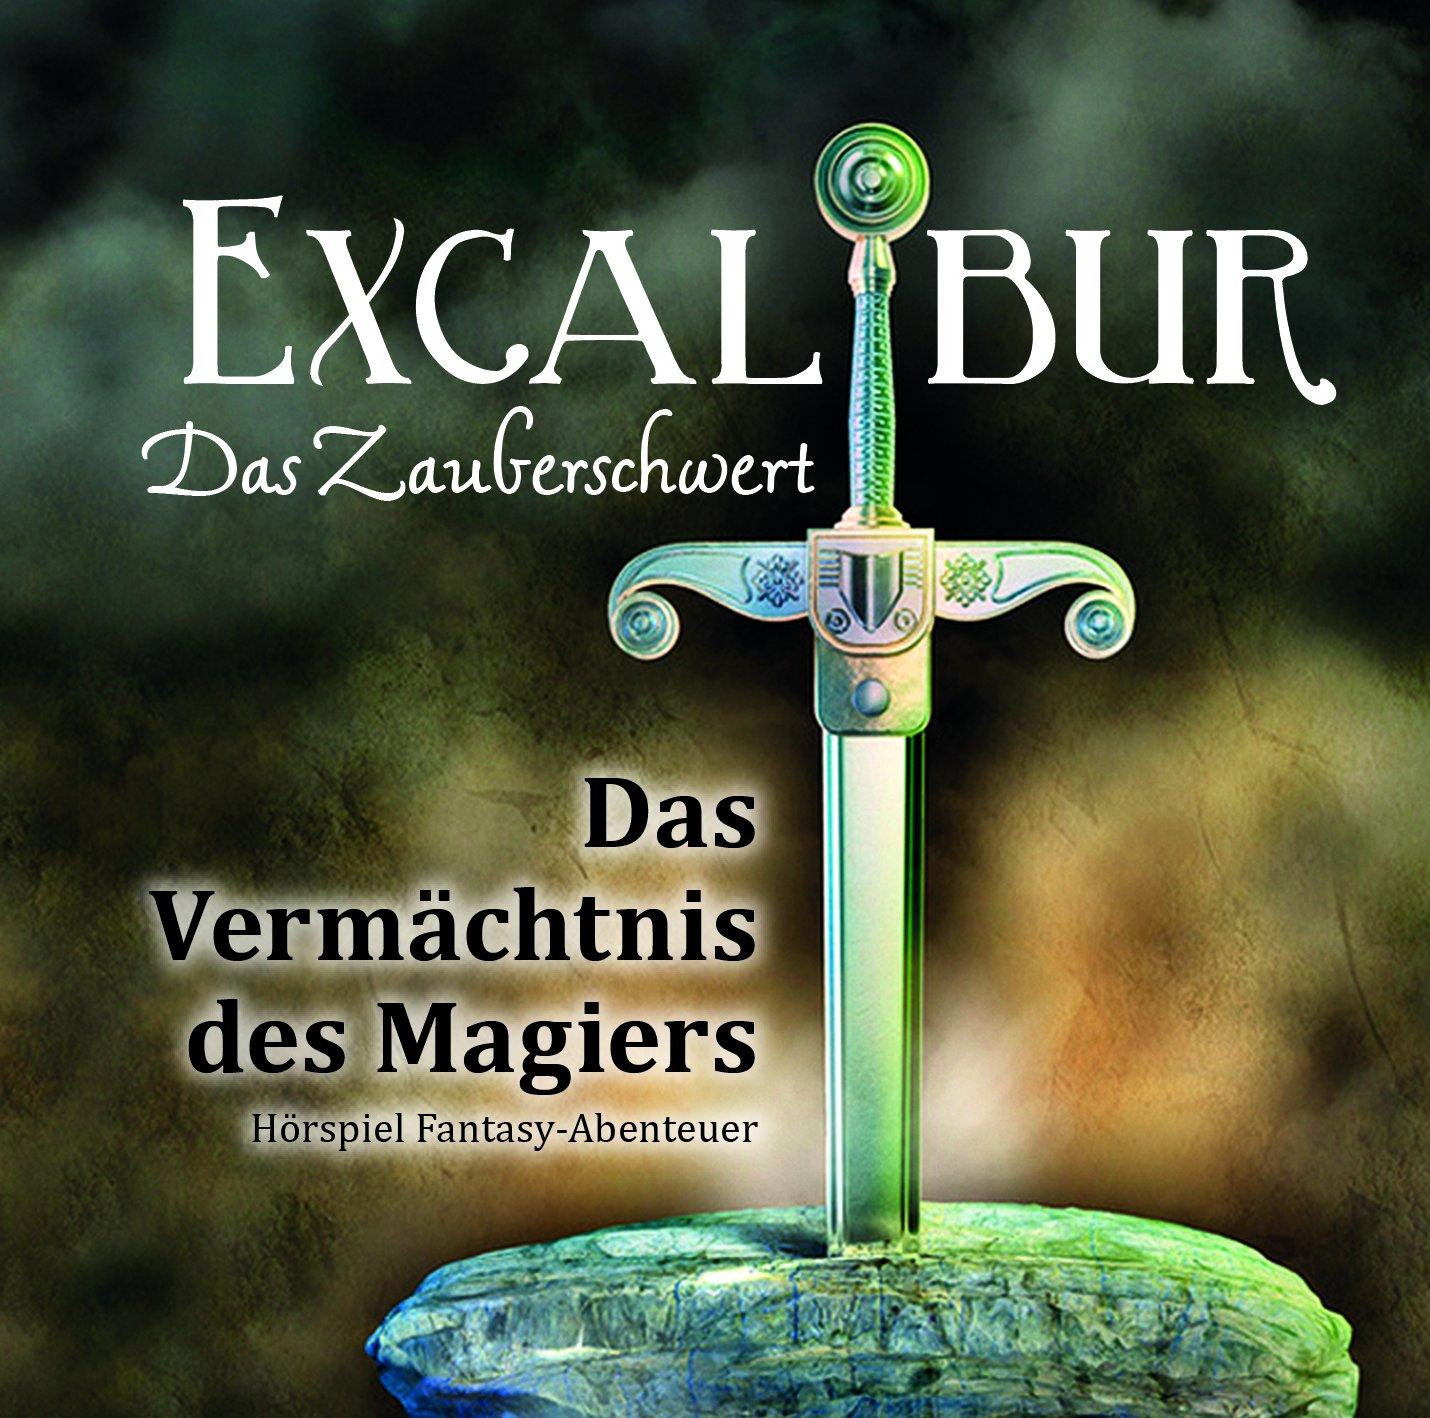 Excalibur - Das Zauberschwert (1) Das Vermächtnis des Magiers - junior 1988 / Sj Entertainment 2015